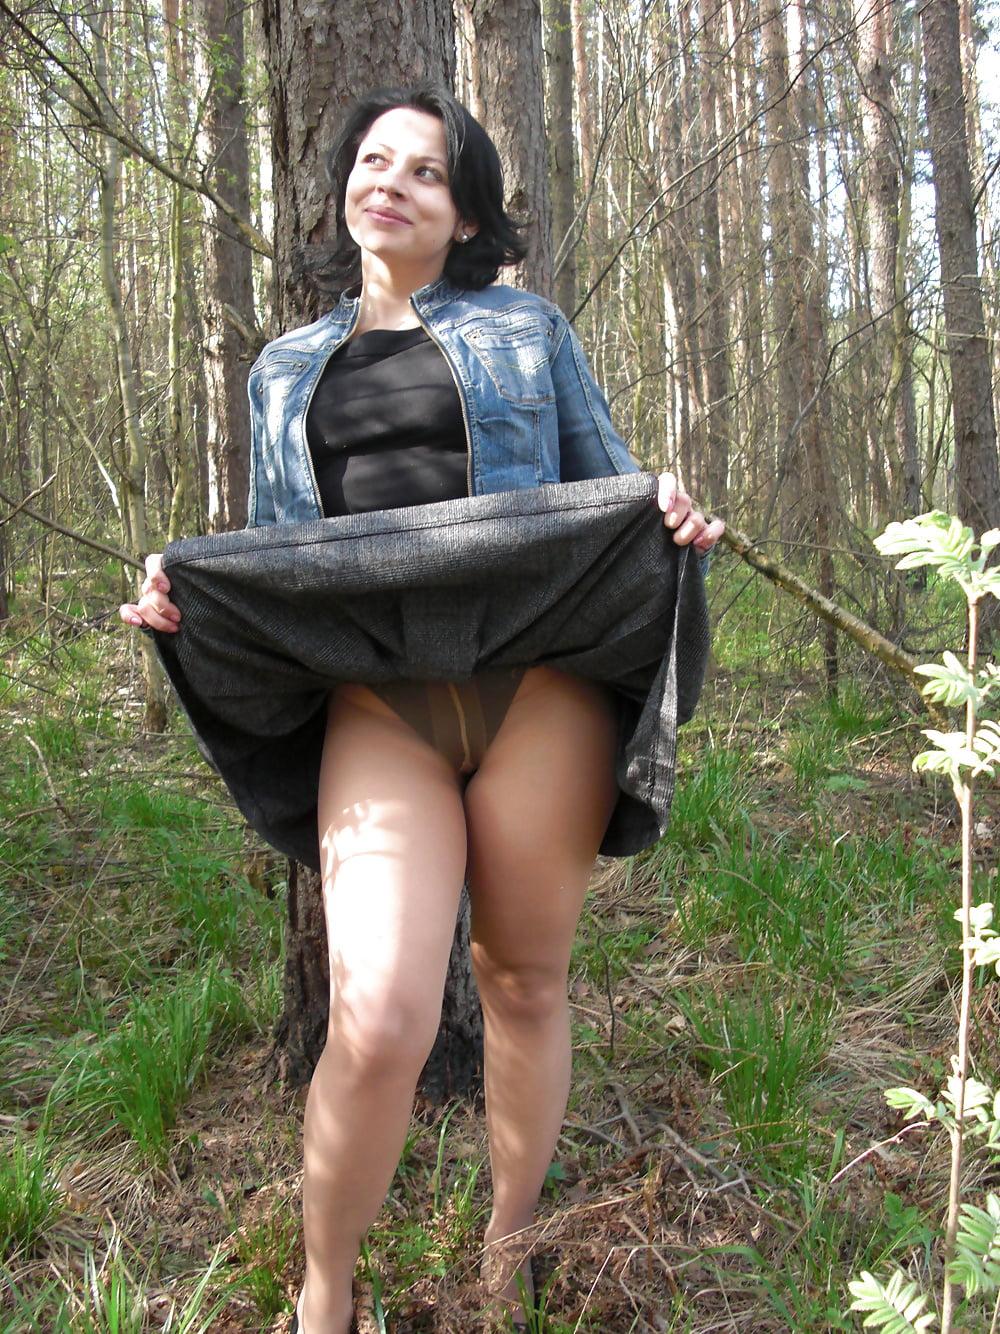 Секс порно фото зрелых с задранными юбками